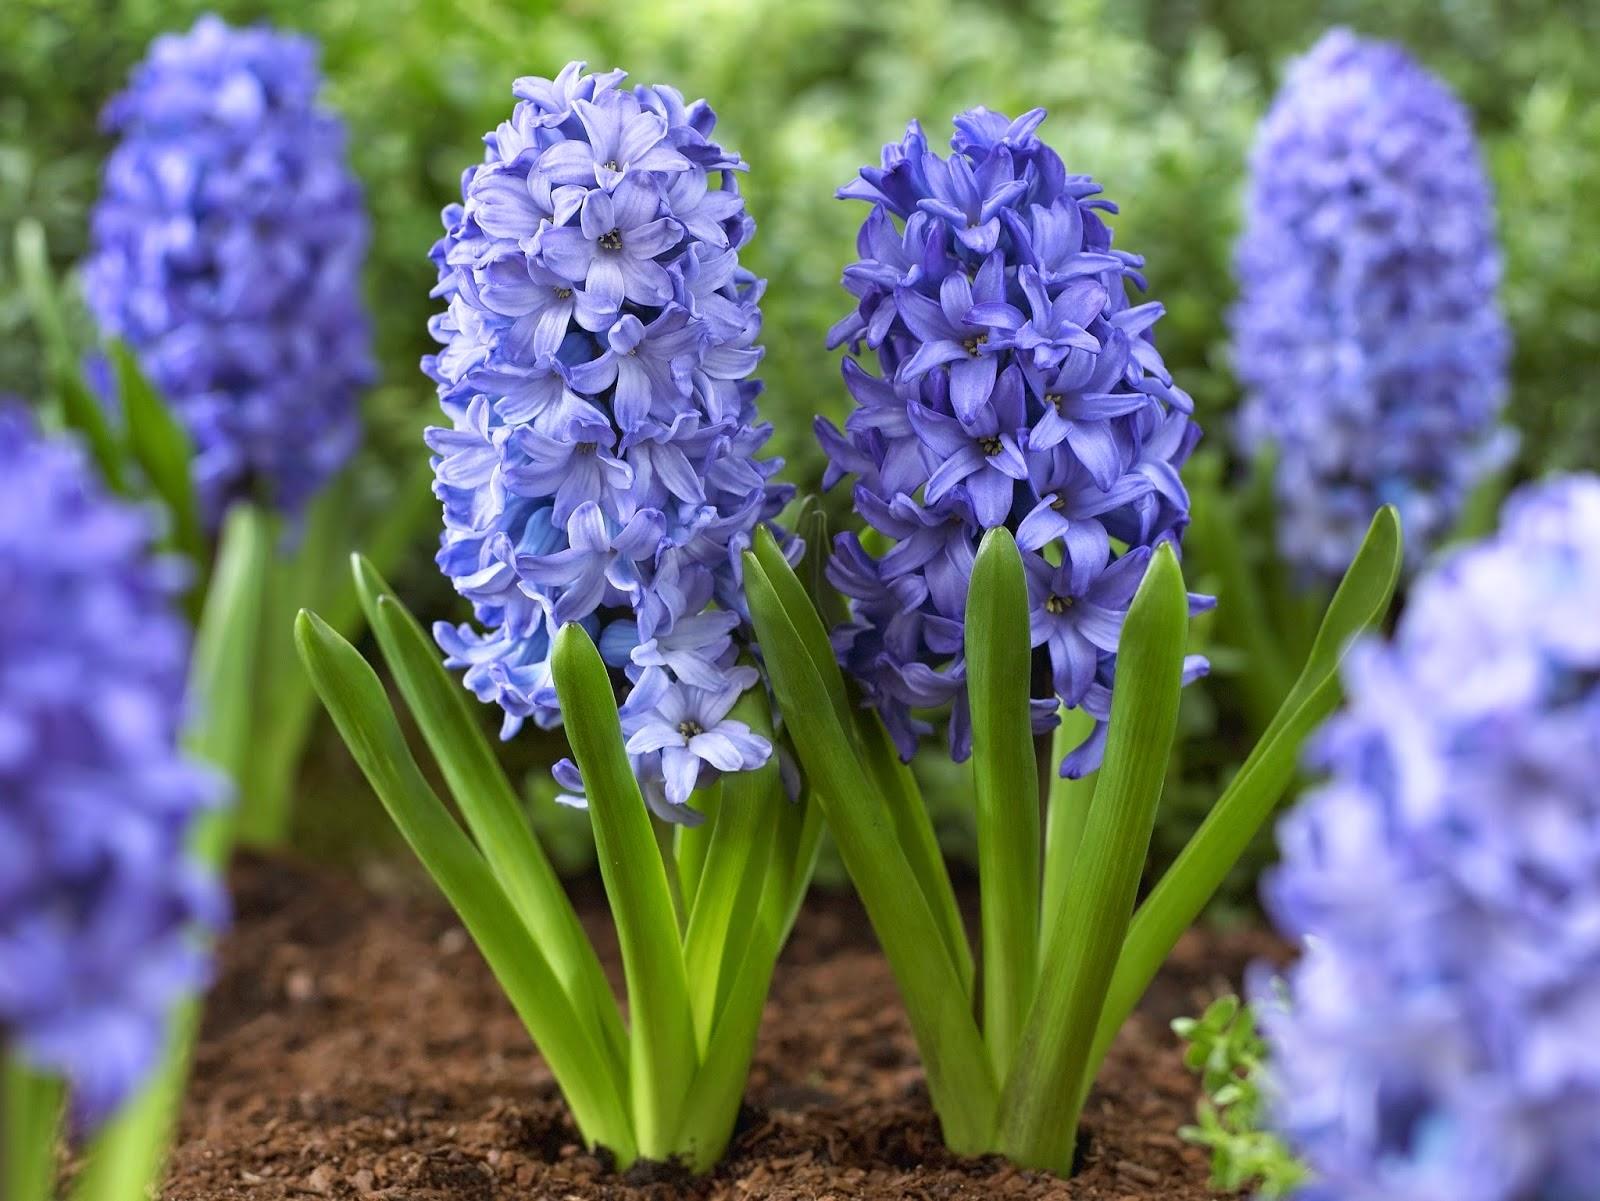 Cu ndo desenterrar y c mo cuidar los bulbos guia de jardin for Como cuidar el pasto de mi jardin